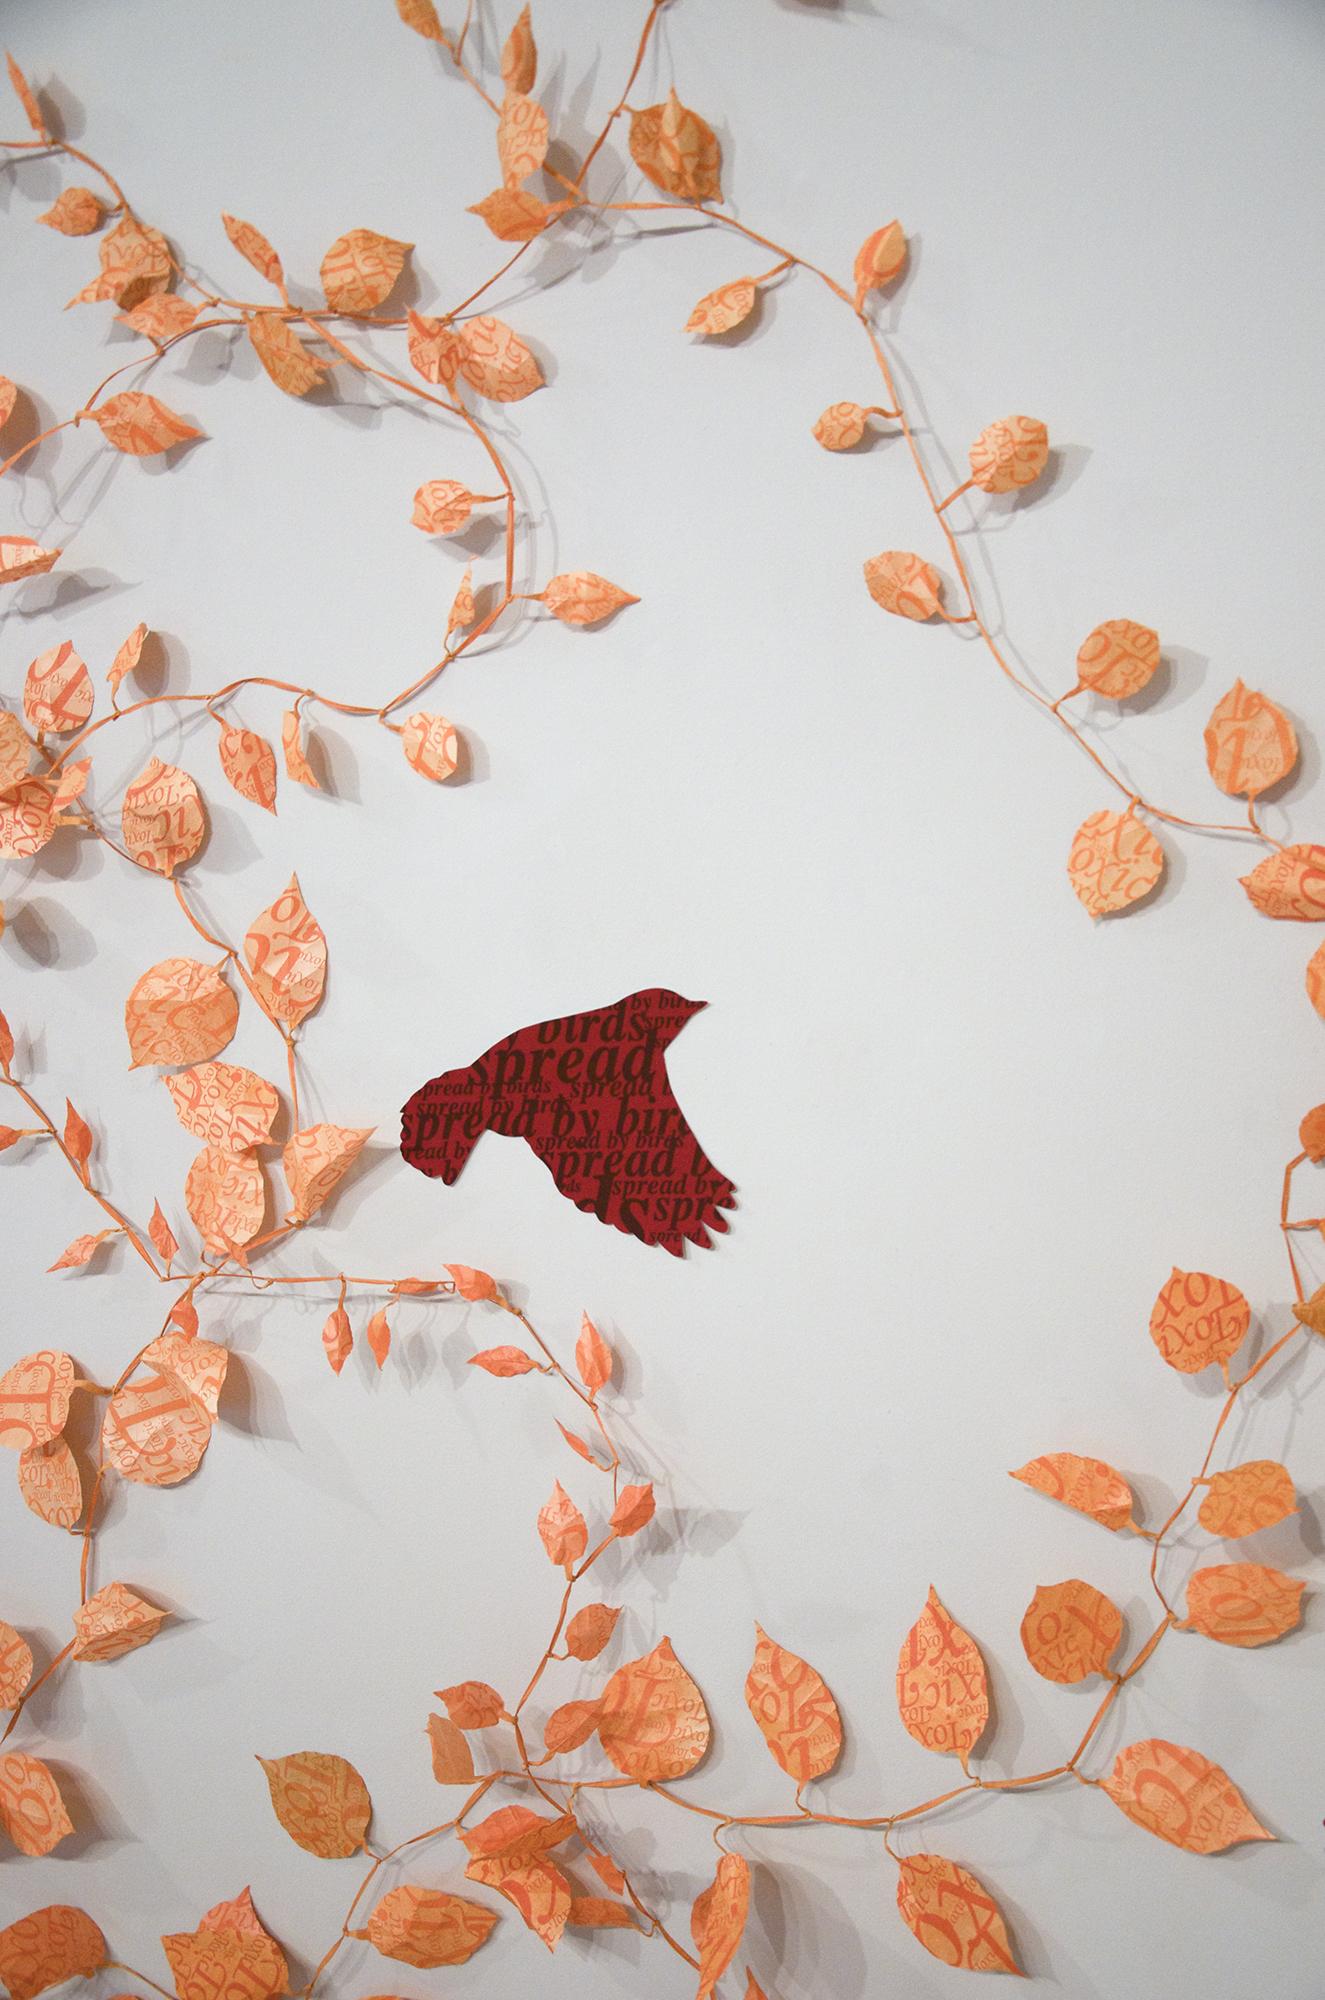 Spread By Birds